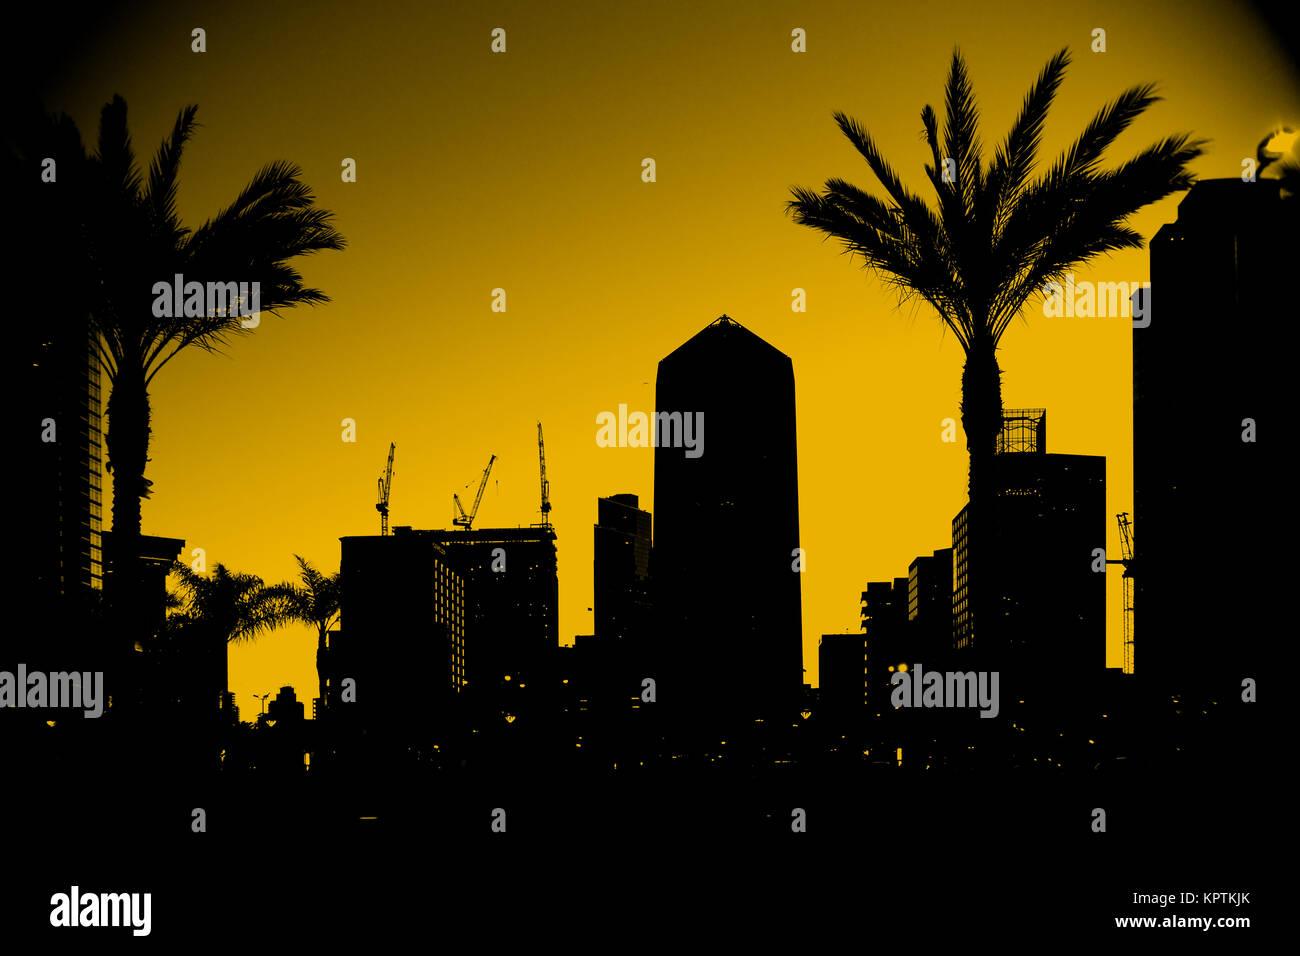 Die Umrisse und Silhouetten von Hochhäusern in der Innenstadt von San Diego. - Stock Image